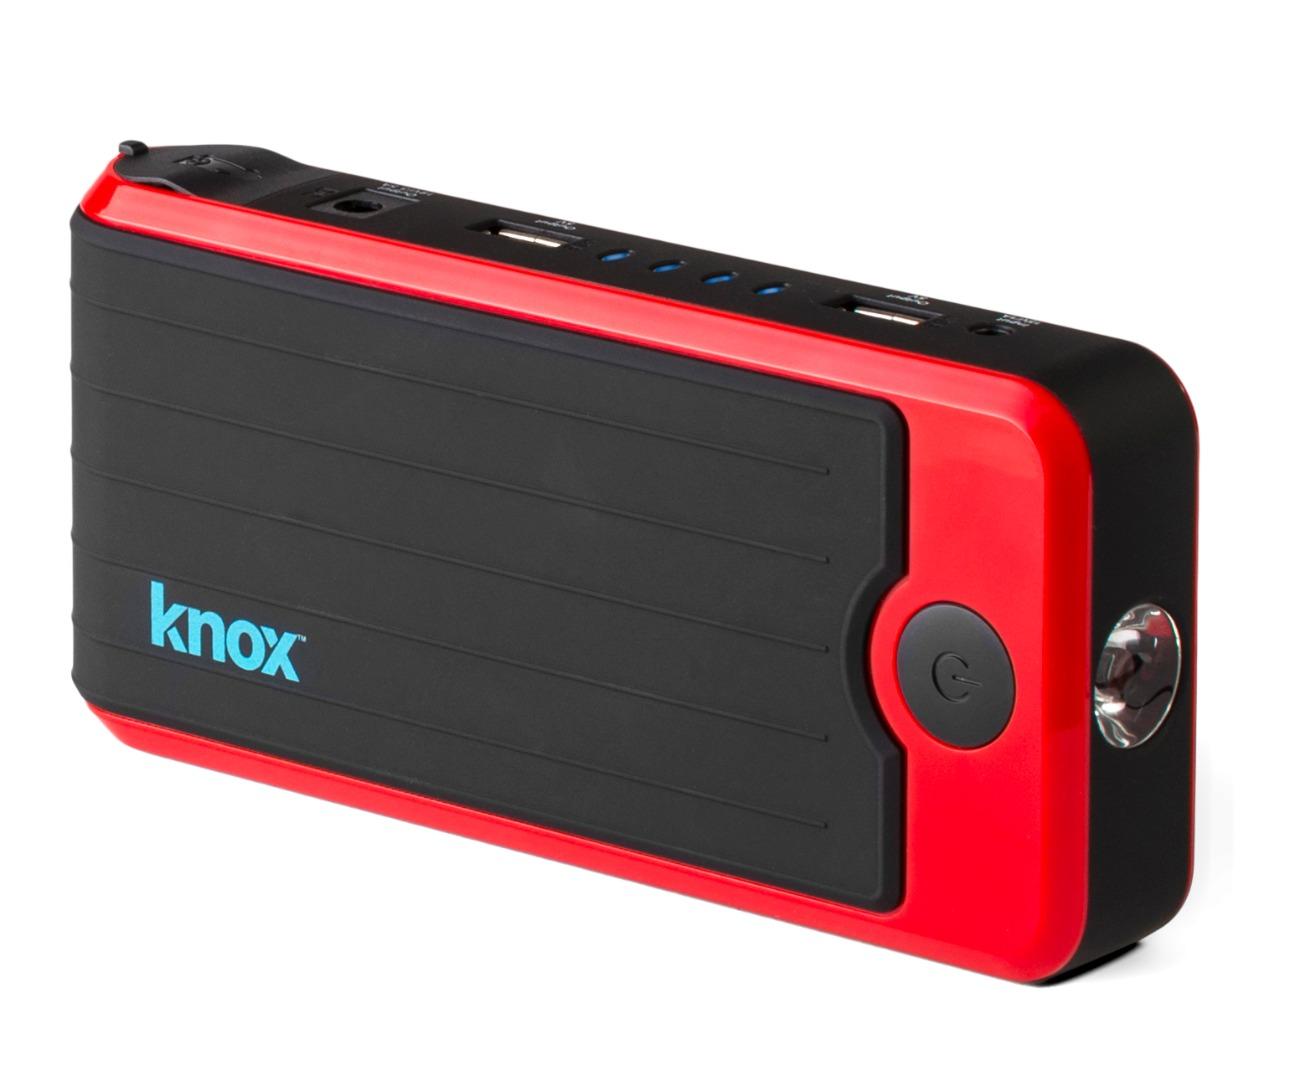 Knox 12000mAh 400A Power Bank & Car Jump Starter  $30 + Free Shipping